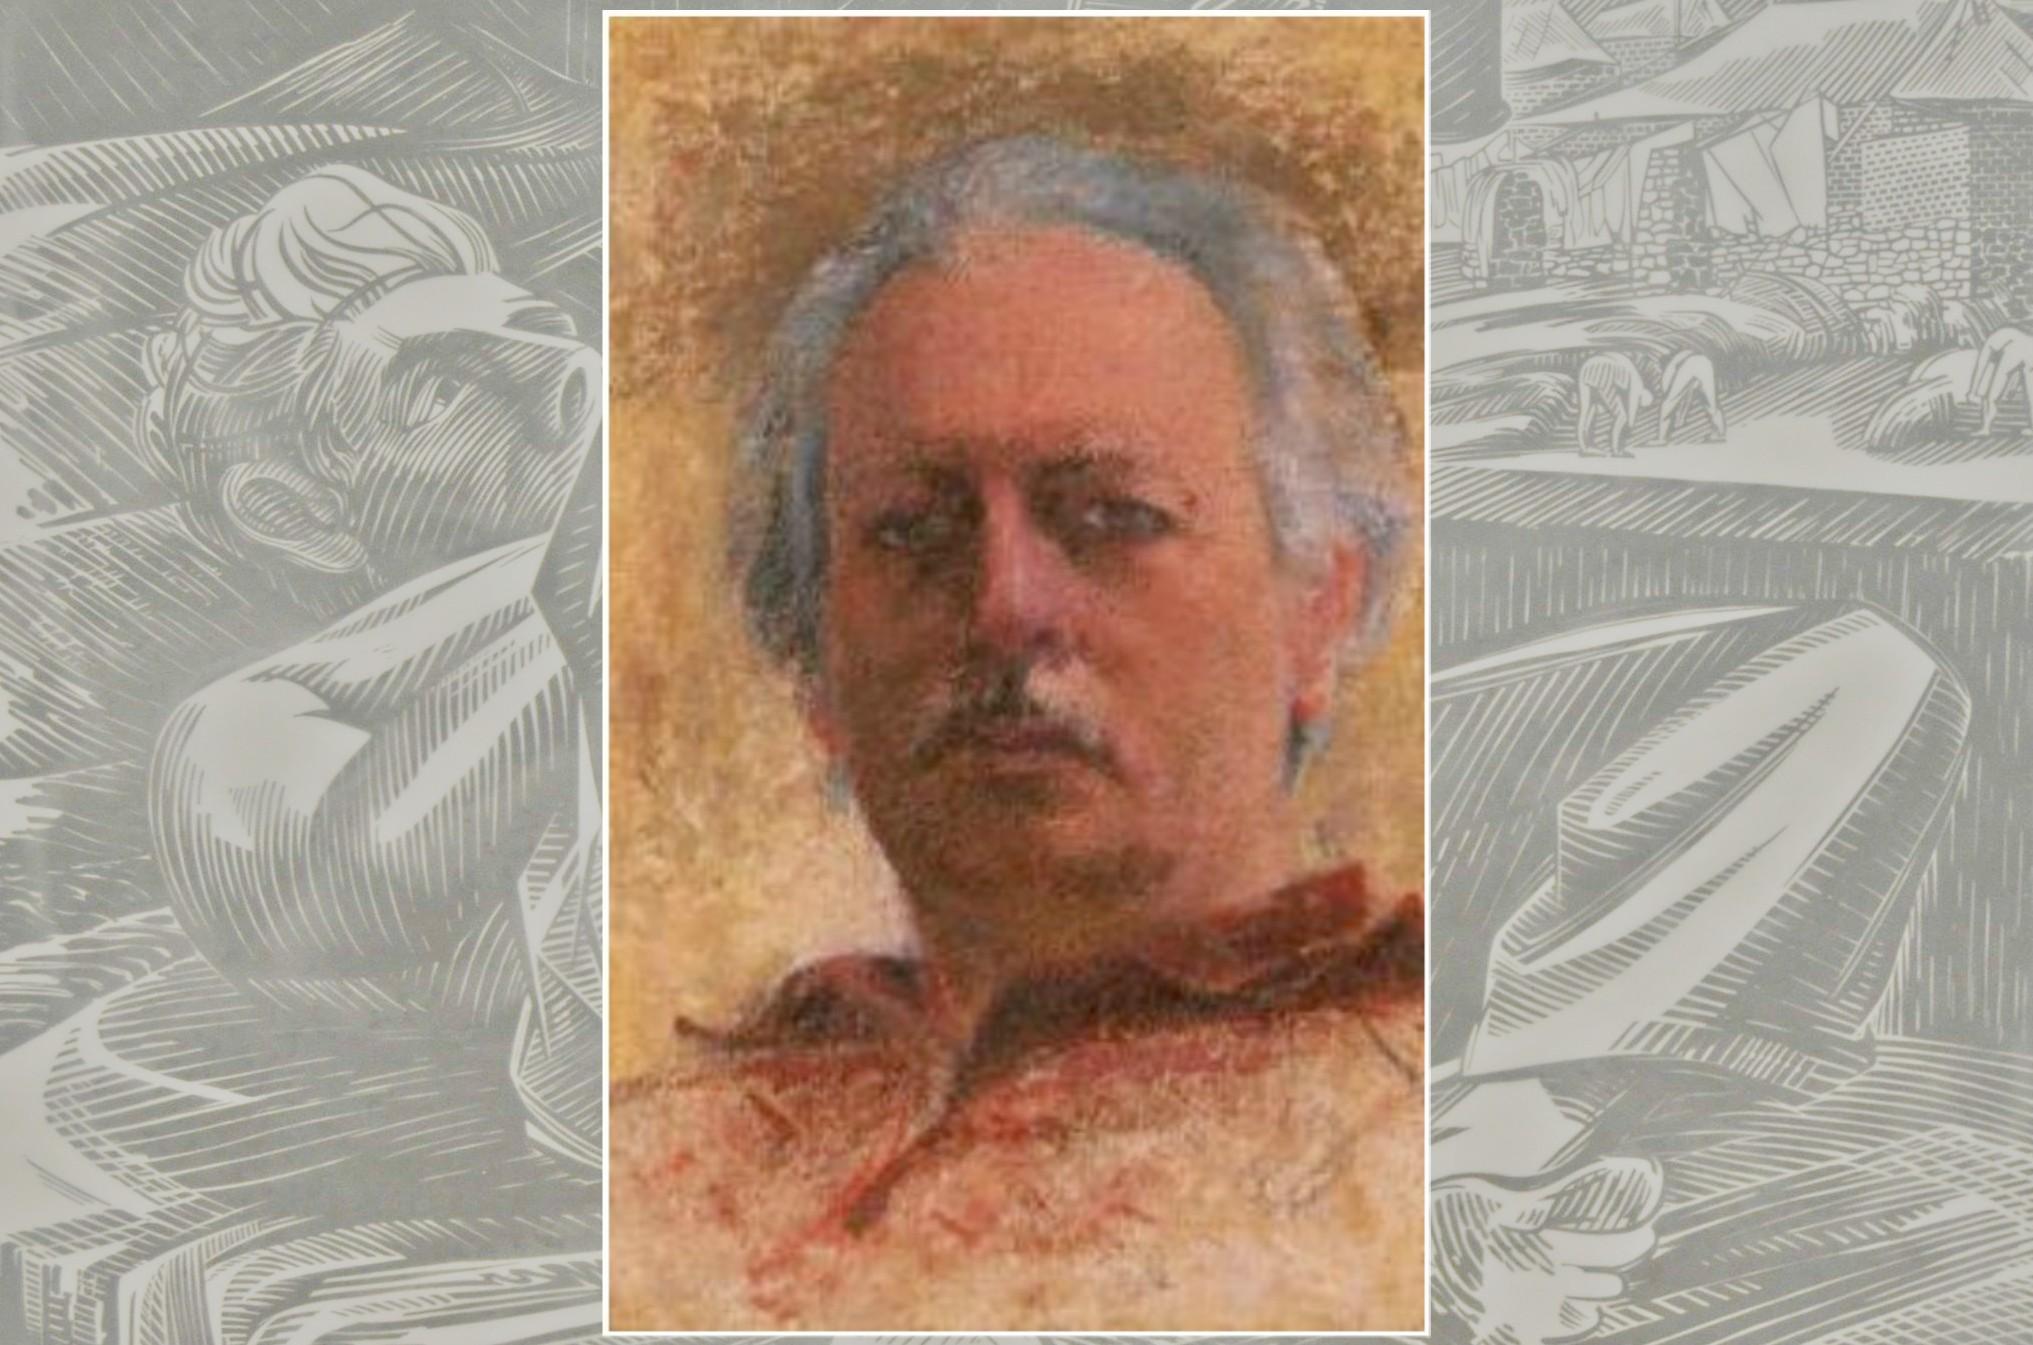 Δυο εκθέσεις με έργα του κορυφαίου ζωγράφου και χαράκτη Χρίστου Δαγκλή στα Γιάννενα